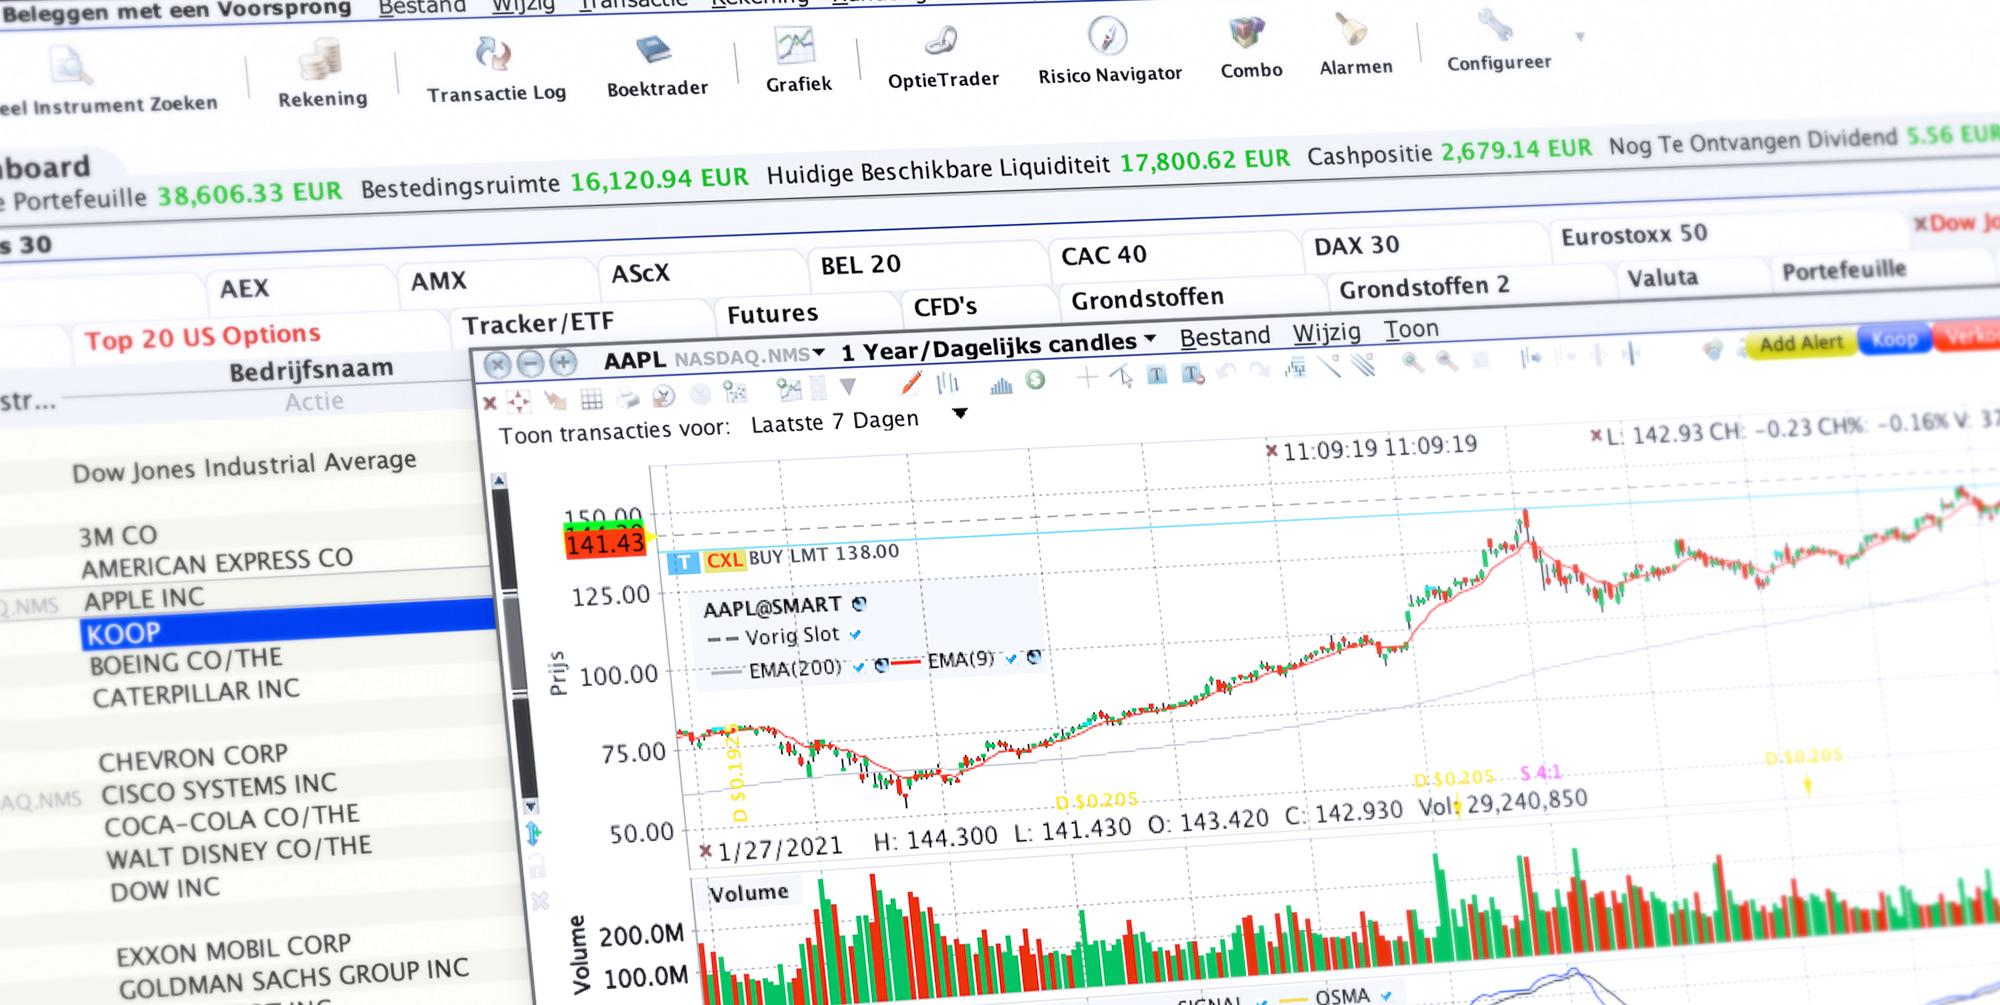 Het beleggingsplatform biedt talrijke trading tools